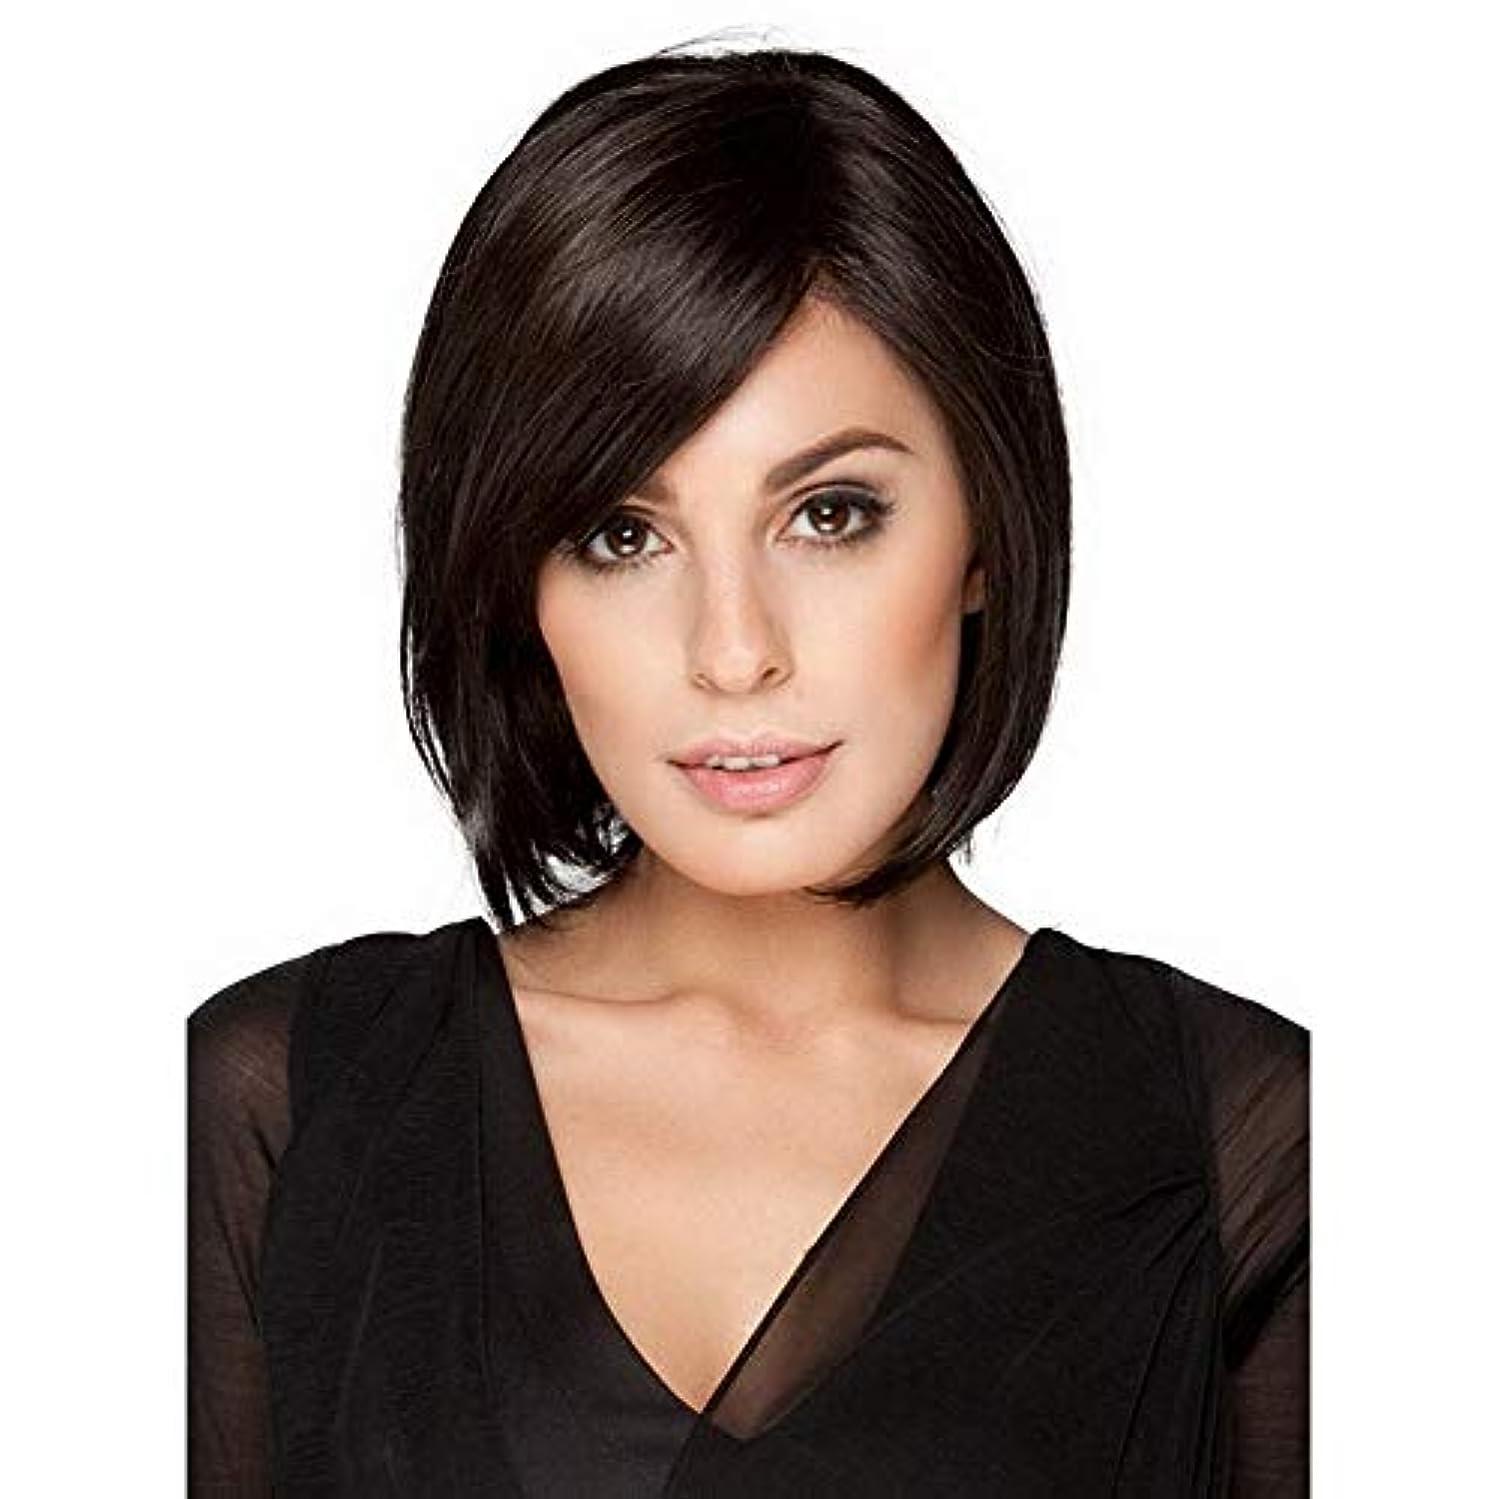 重々しい連合アプライアンスWASAIO 女性の短いストレートウィッグ黒合成ボブ髪かつら (色 : 黒)